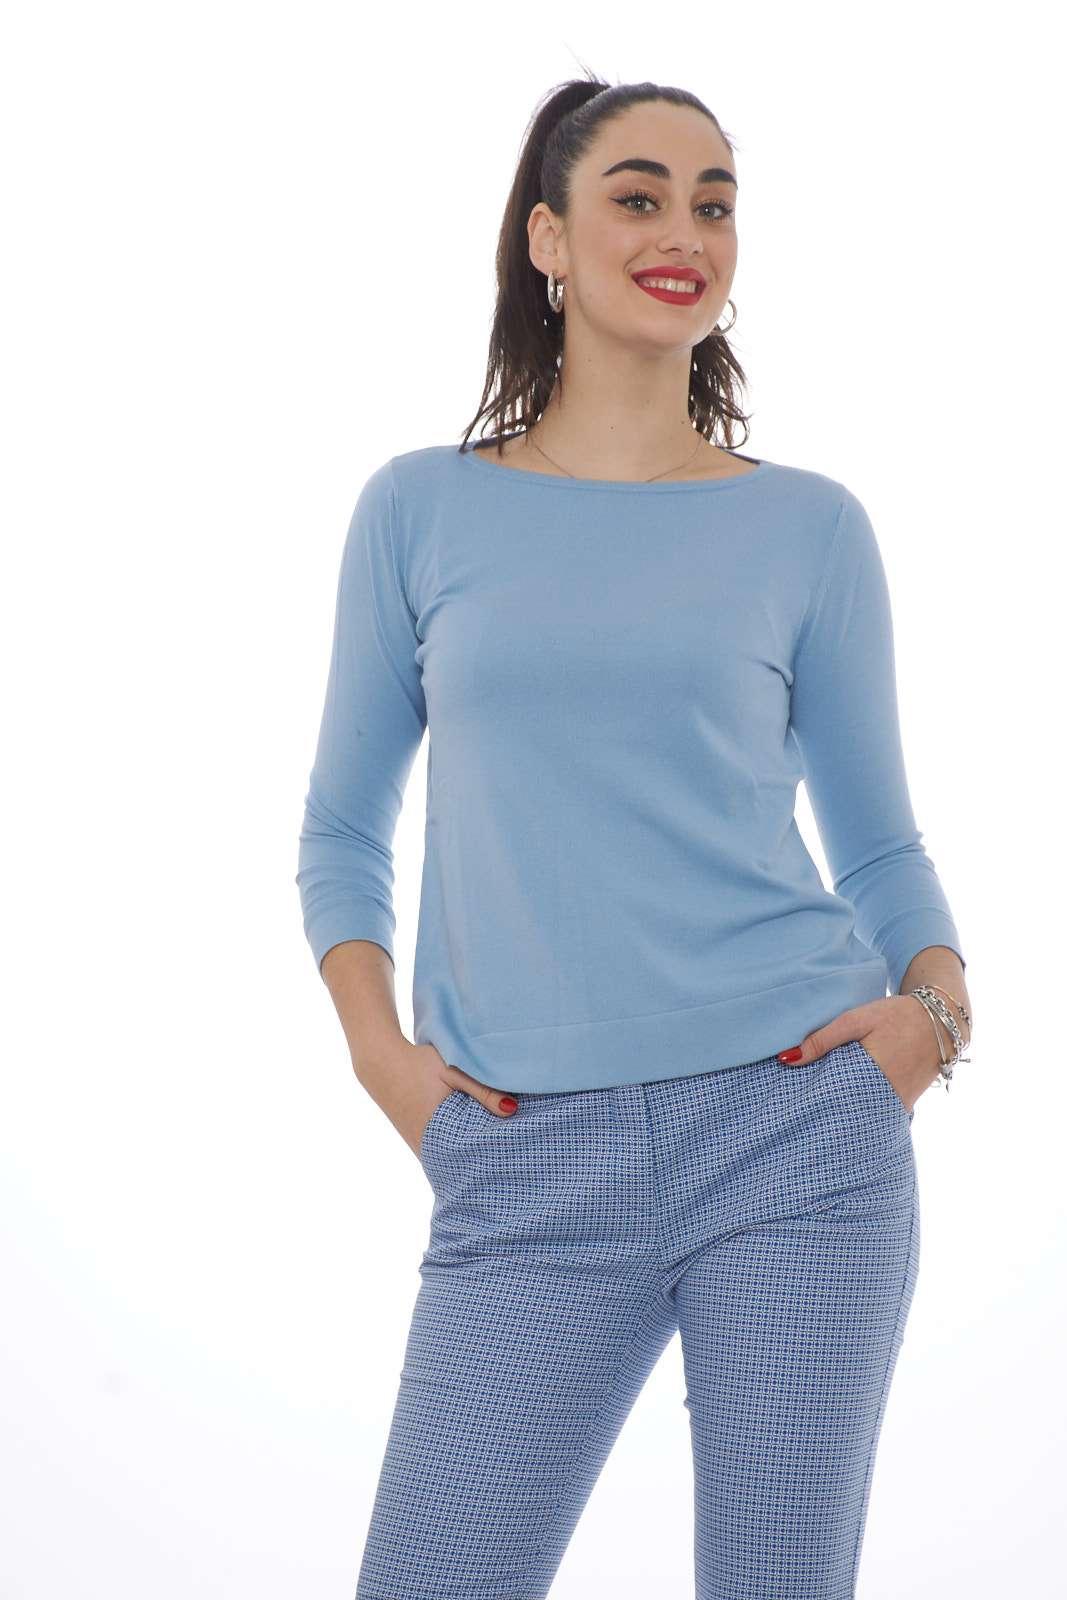 Comoda e perfetta per un look quotidiano, la maglia donna firmata Weekend MaxMara ci conquista per il suo stile lineare. Il morbido tessuto in jersey di viscosa è esaltato da un taglio morbido. Lo scollo tondo e le maniche sette ottavi la rendono unica.  La modella è alta 1.78 e indossa la taglia S